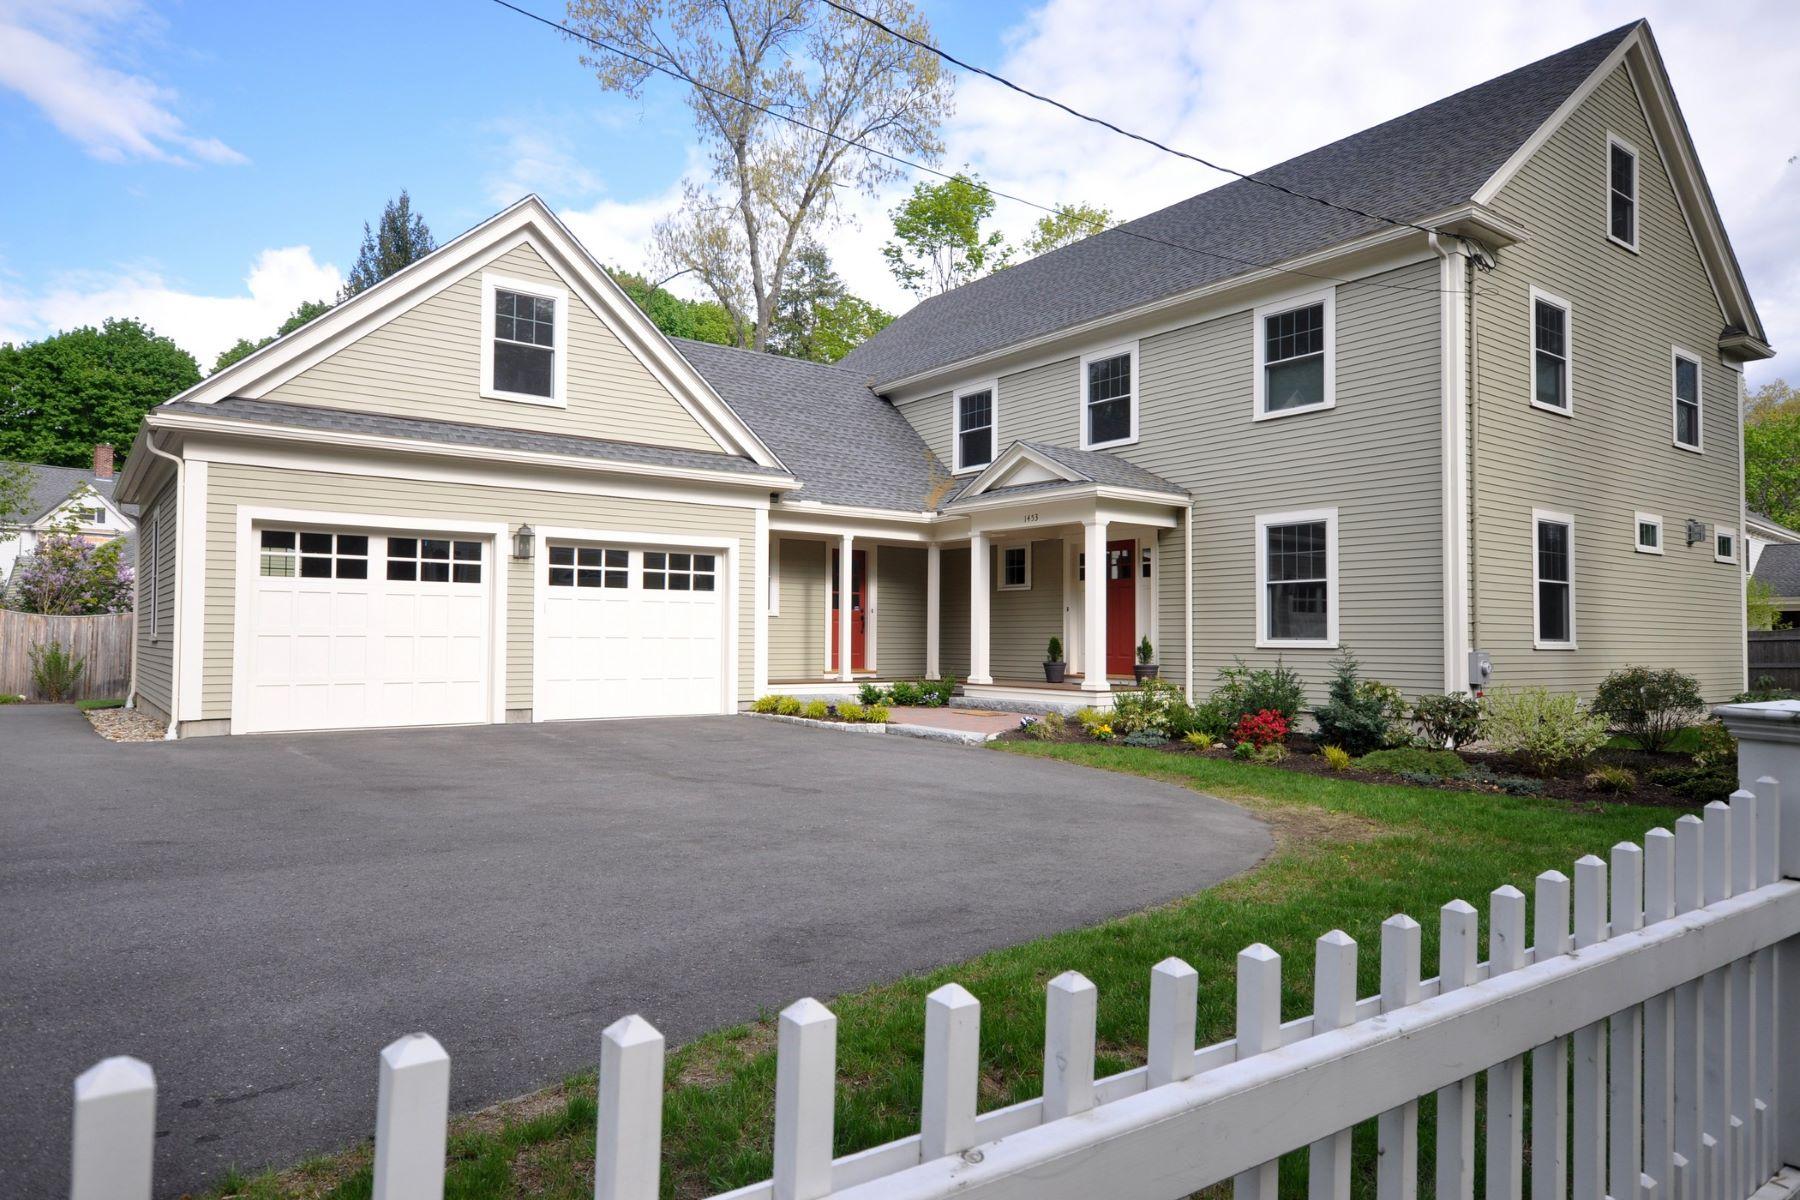 Tek Ailelik Ev için Satış at Like New Colonial by Boynton/Brennan Builders 1453 Main Street Concord, Massachusetts, 01742 Amerika Birleşik Devletleri